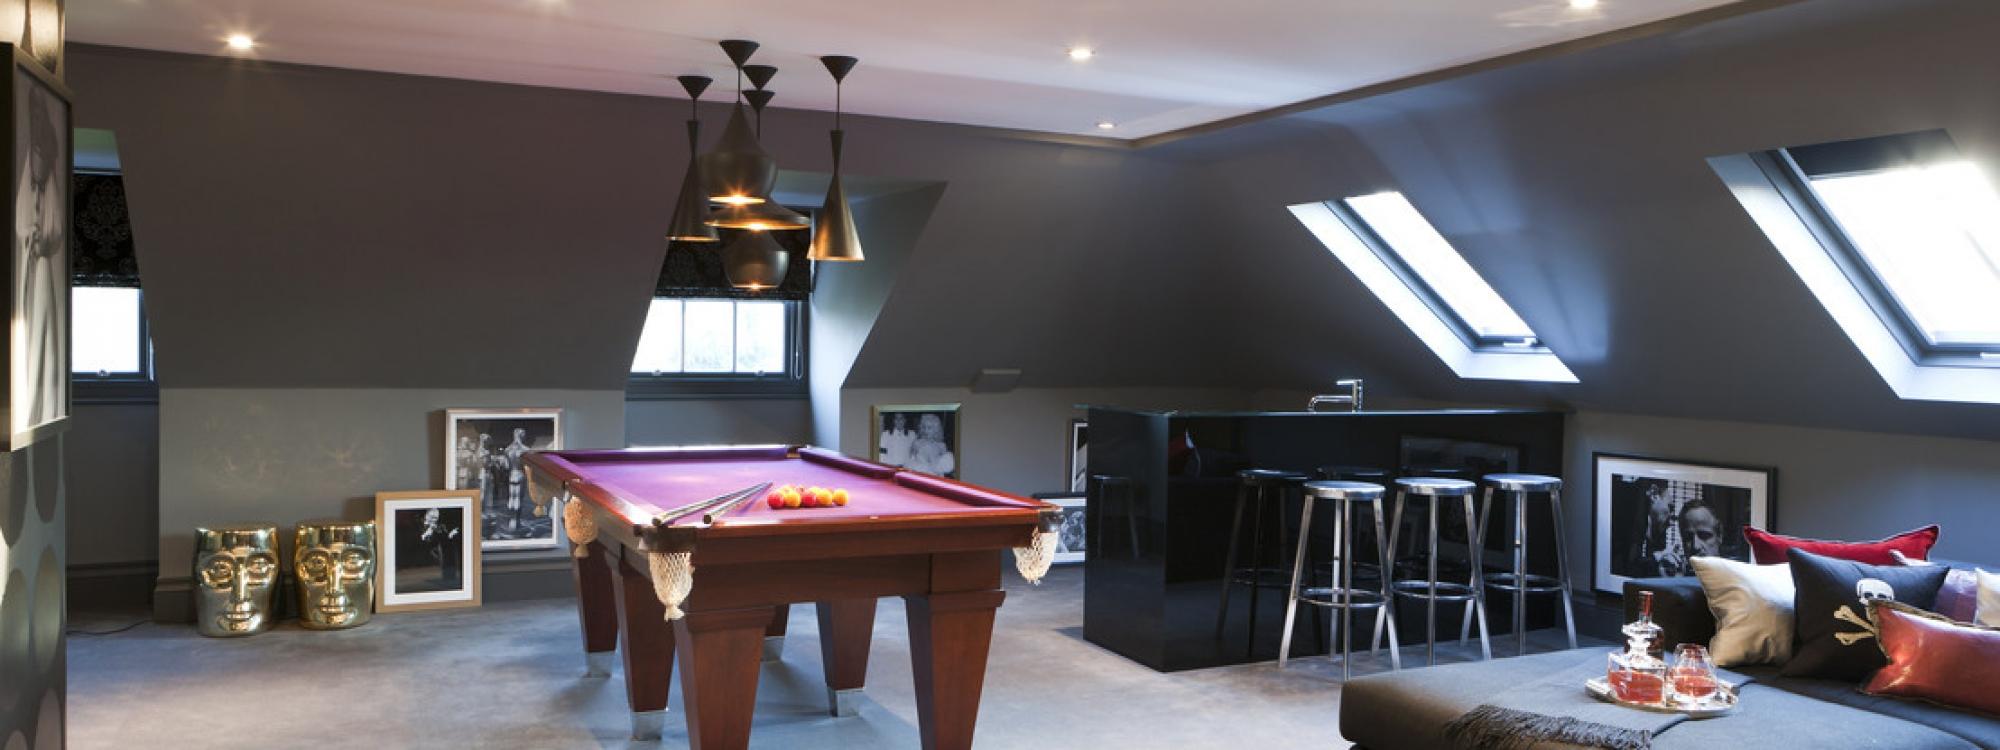 Games Room Loft Conversion